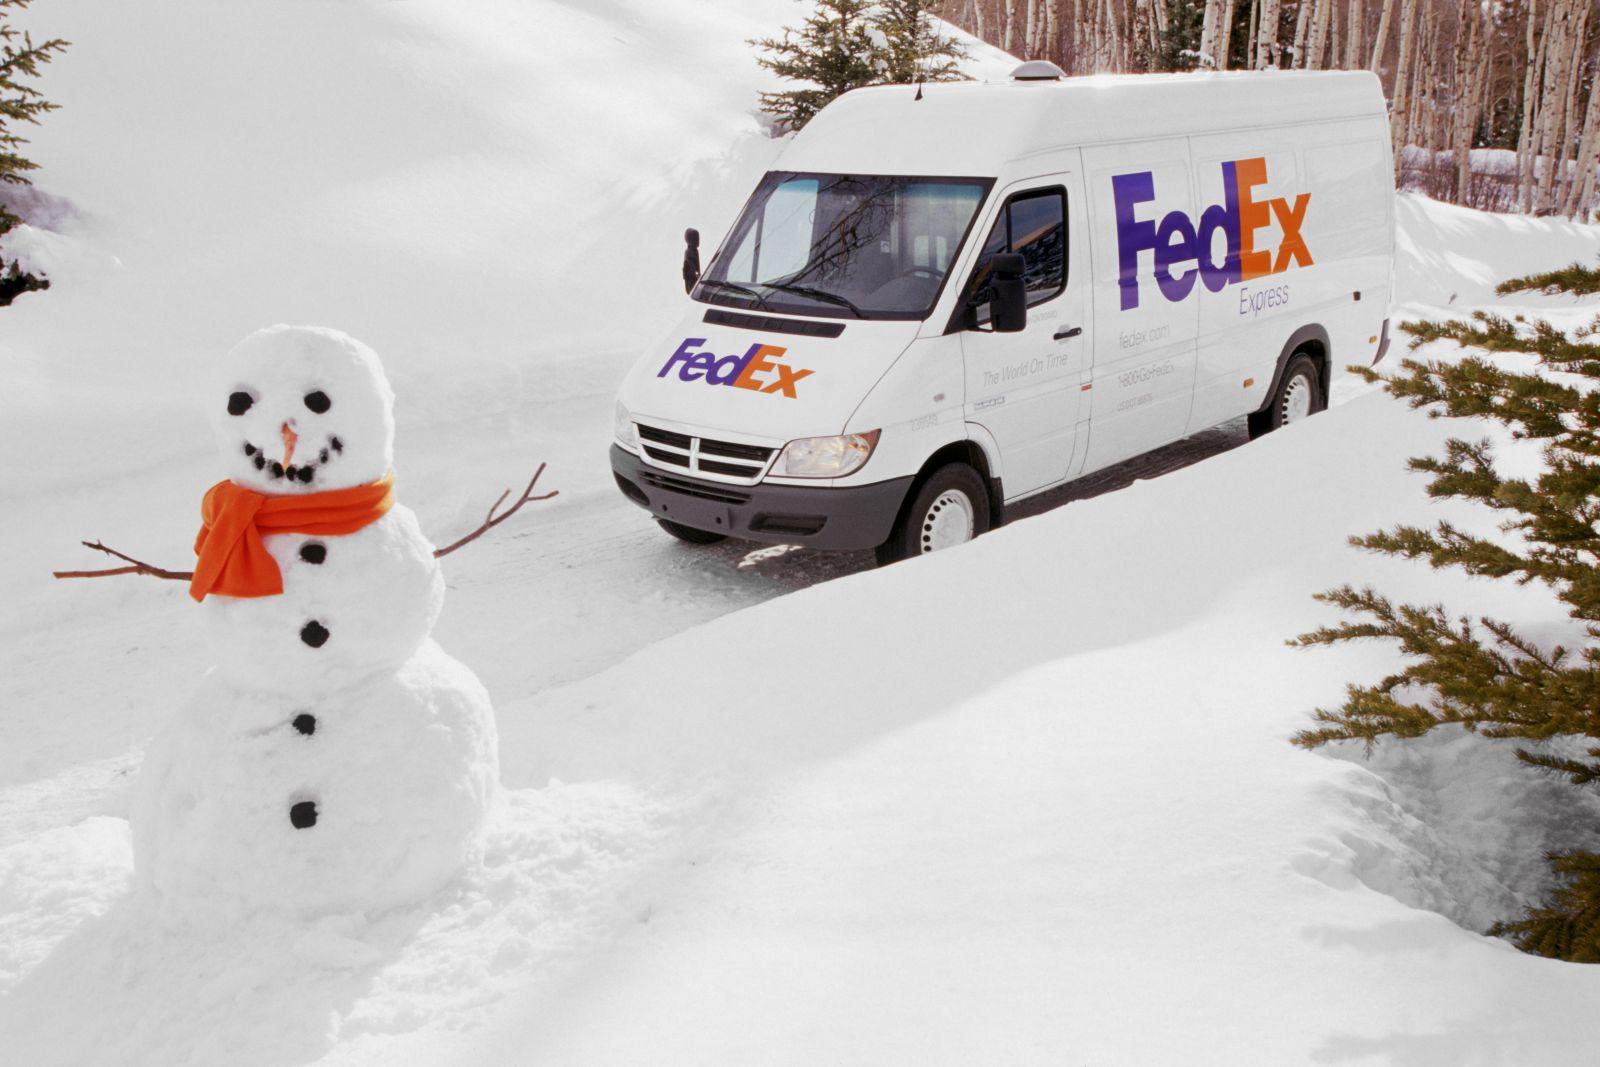 companies hiring 2018 seasonal workers – Fedex hiring seasonal workers